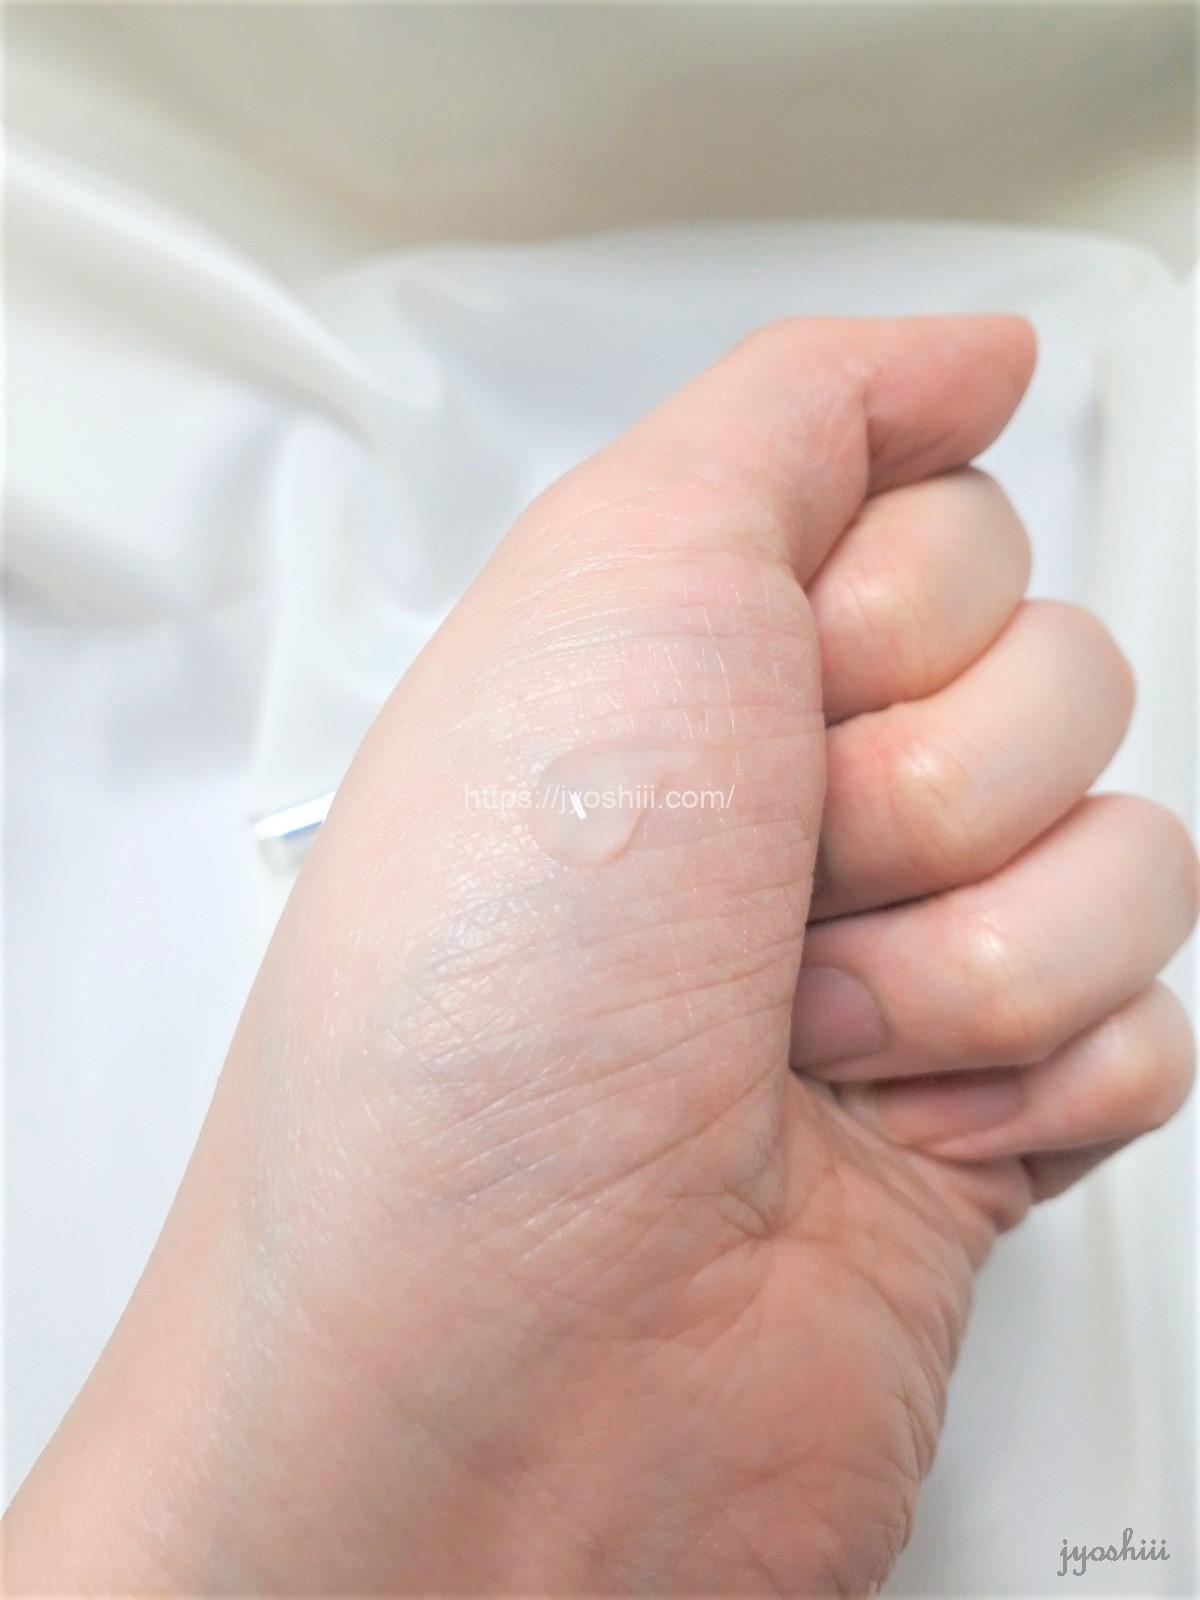 まつ毛美容液クリームジュメルを実際に使ったレビュー・香り匂い